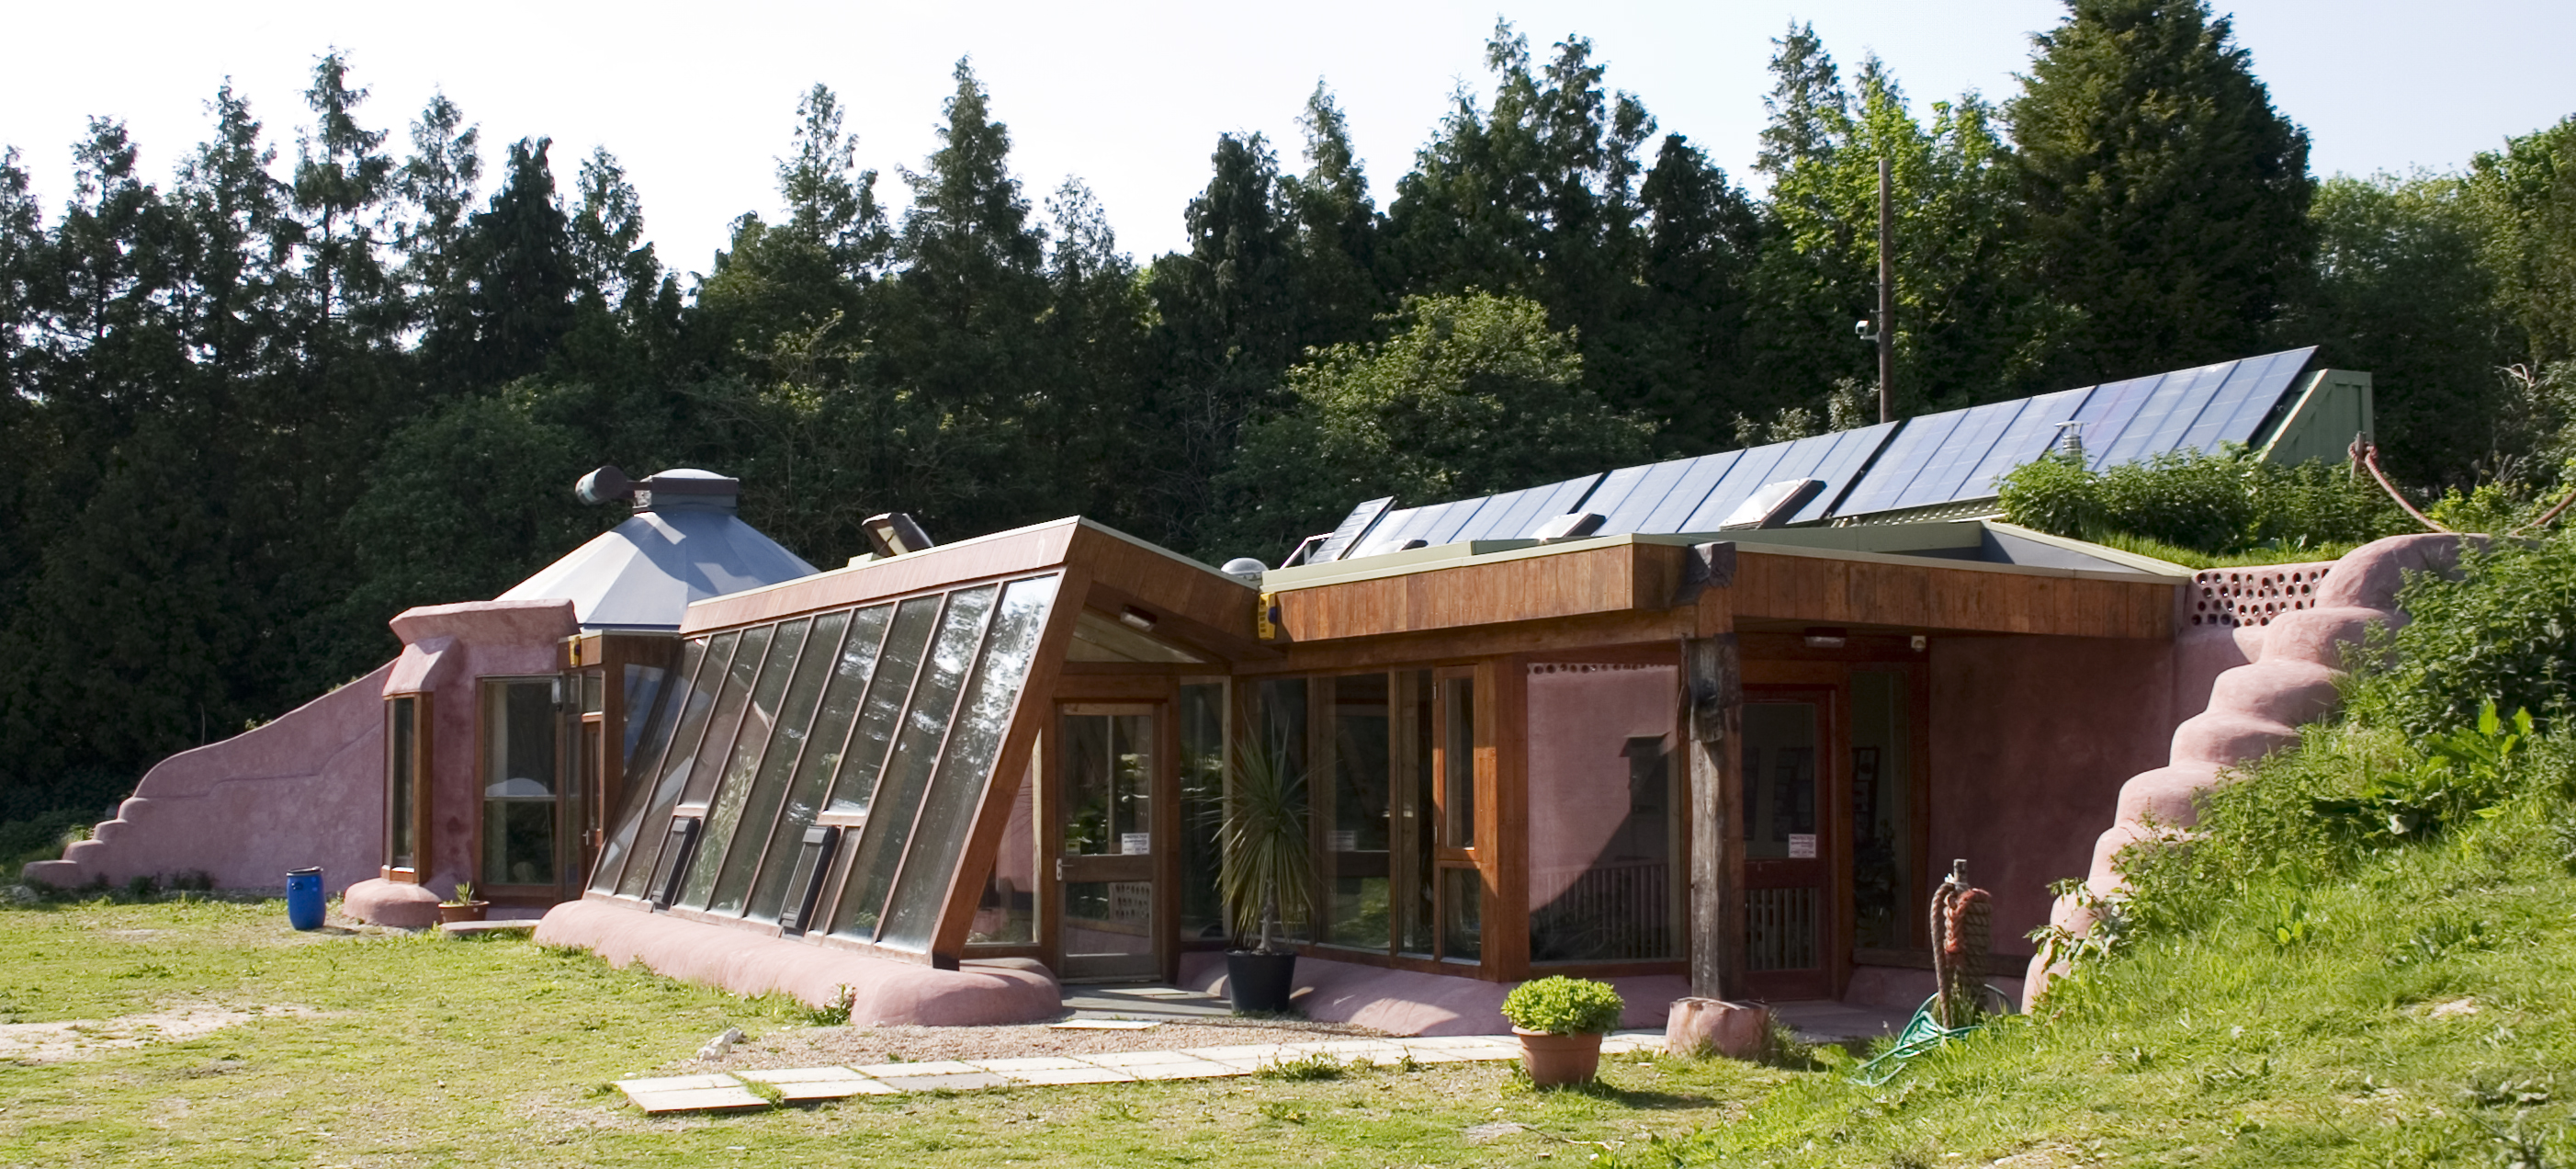 Earthship_sostenibilidad edificio vivienda construccion